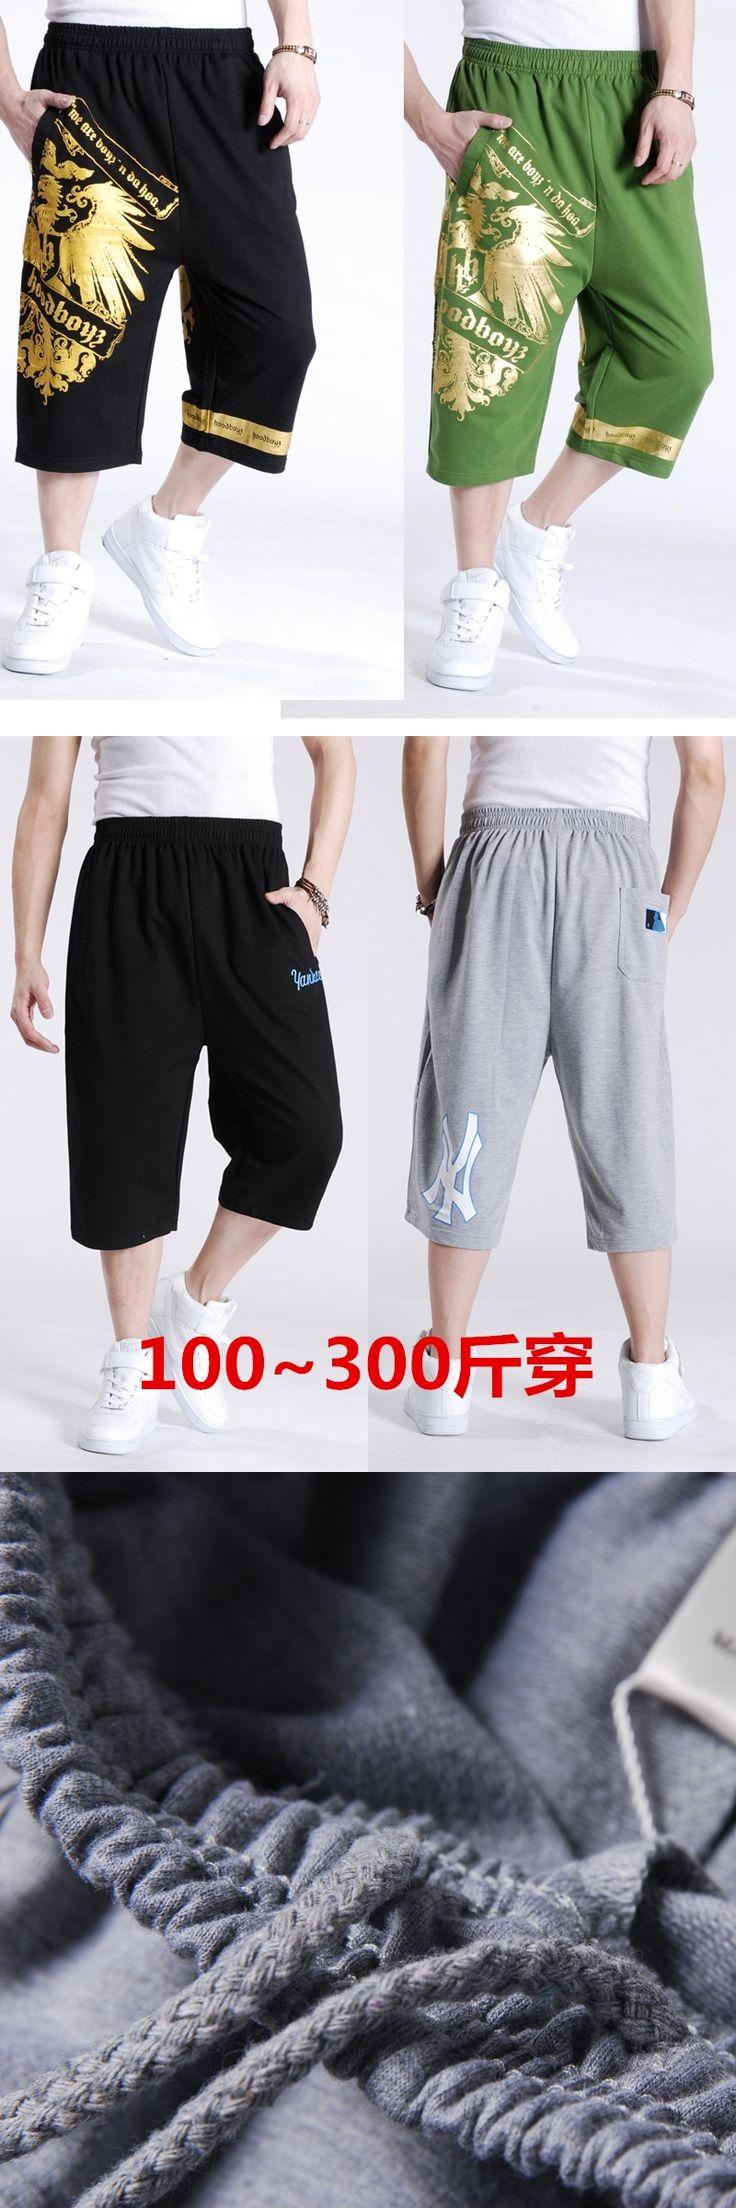 Plus fertilizer slacks Men Clothing Hip-Hop Pants Male Casual Harem Trousers calf-length Pants dj ds dancer costumes